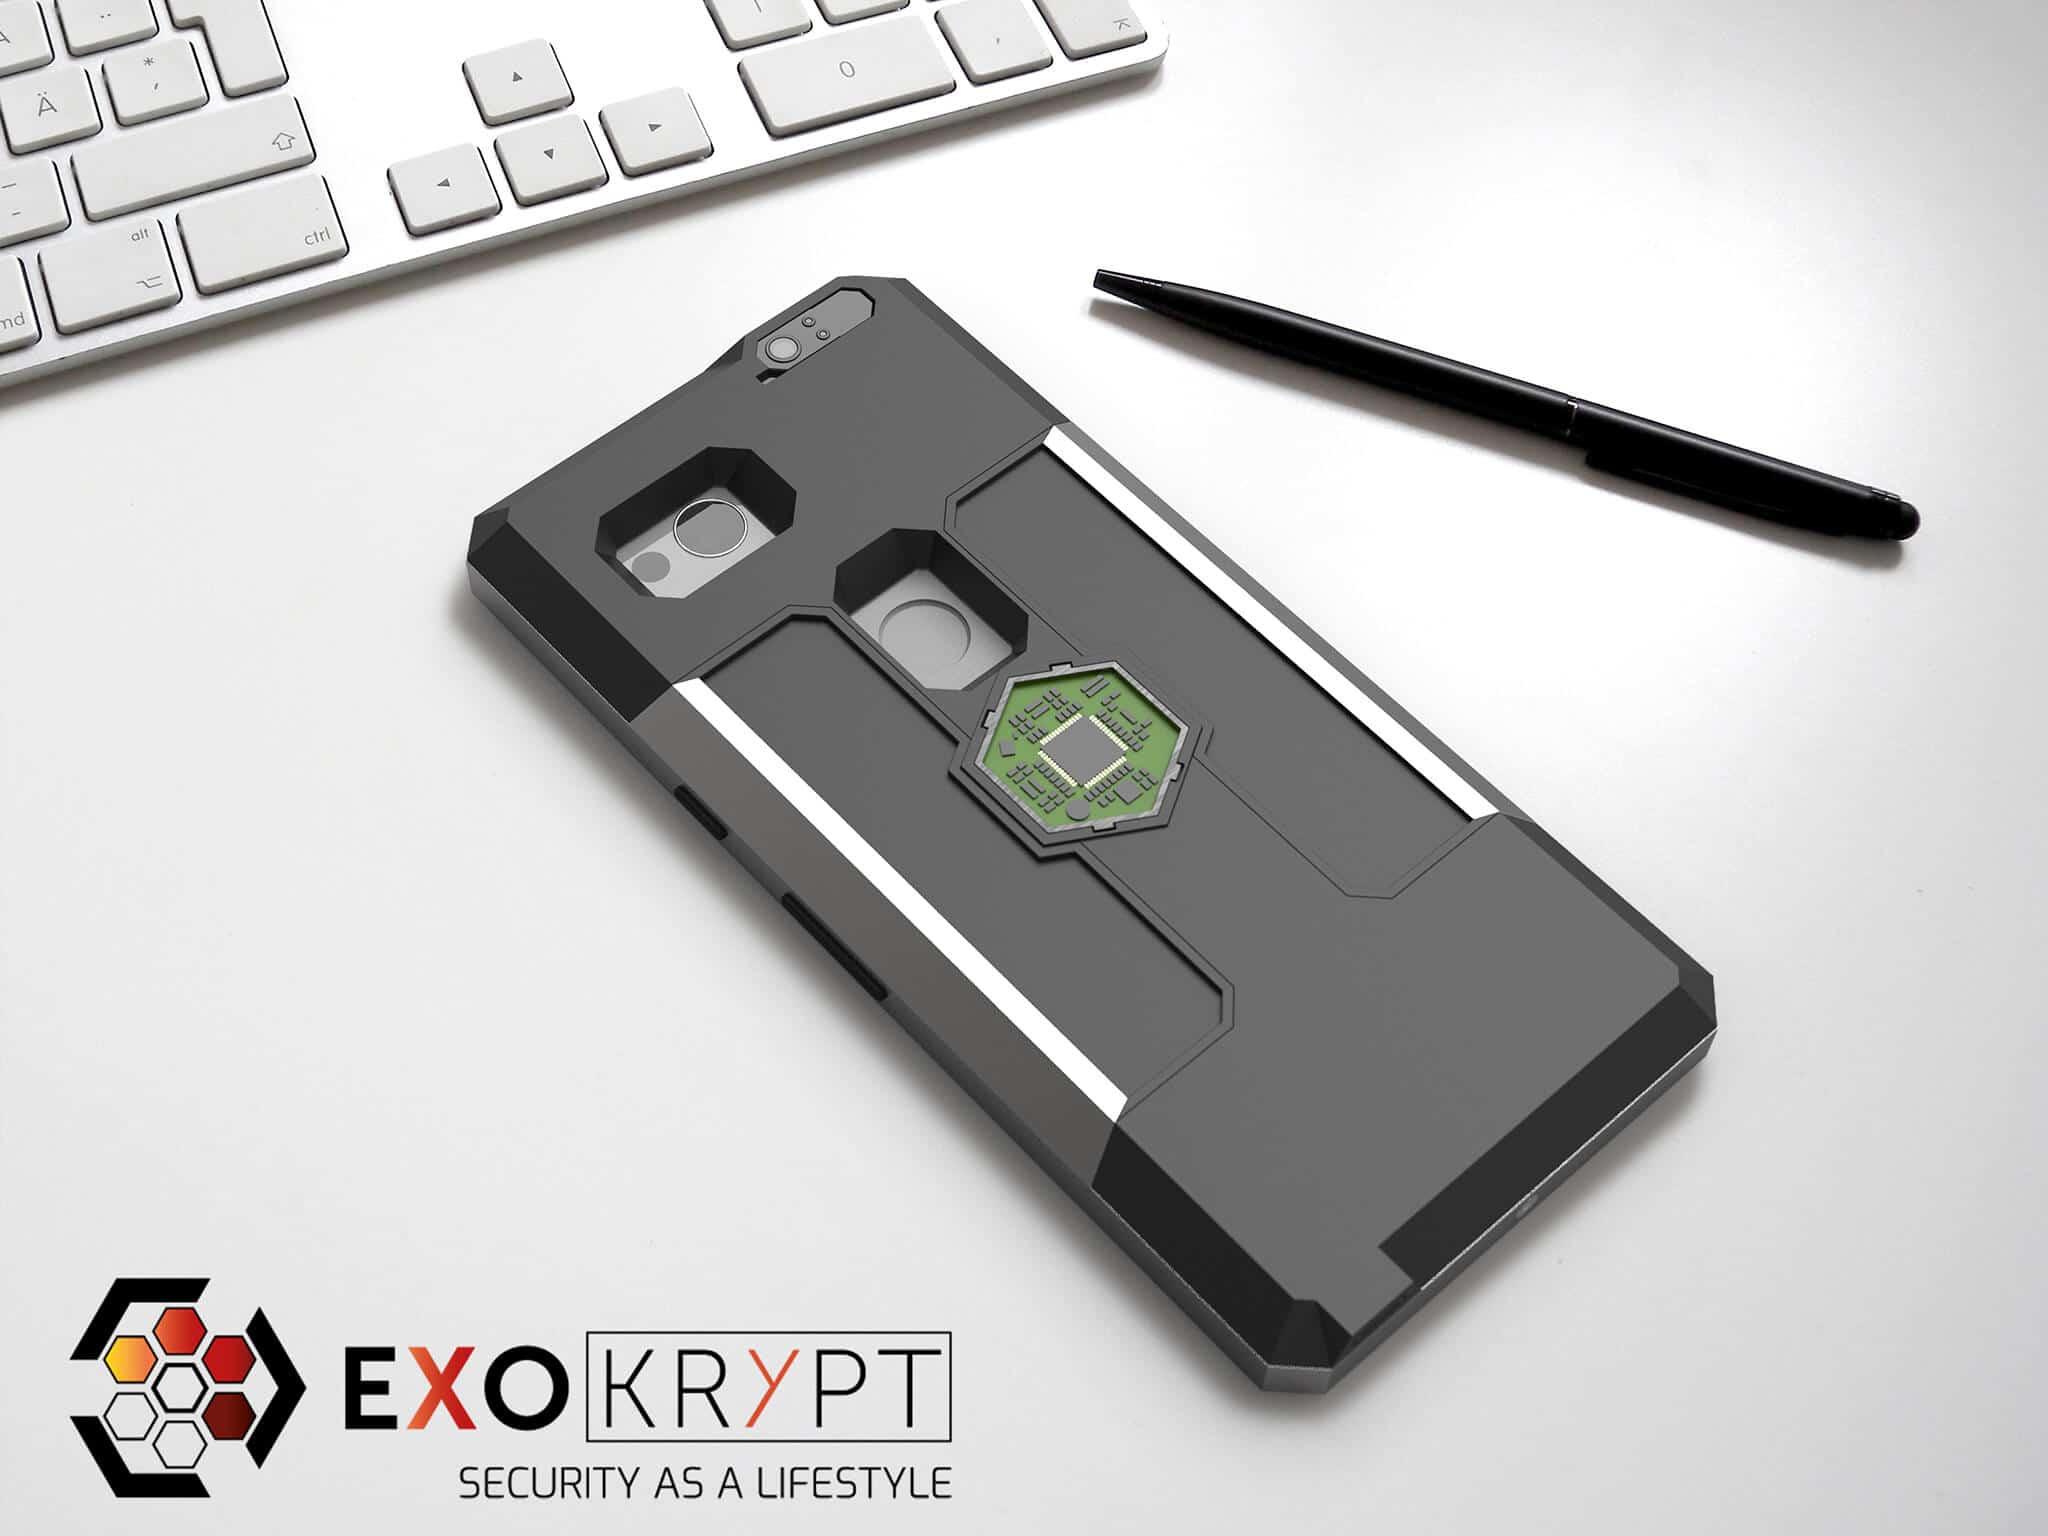 ExoShield BUSINESS Smartphone Case - Brushed Metal Frame - Schwarze Inlets auf einem Tisch auf einem Papierblatt liegend mit Kugelschreiber daneben, Mac Tastatur darüber